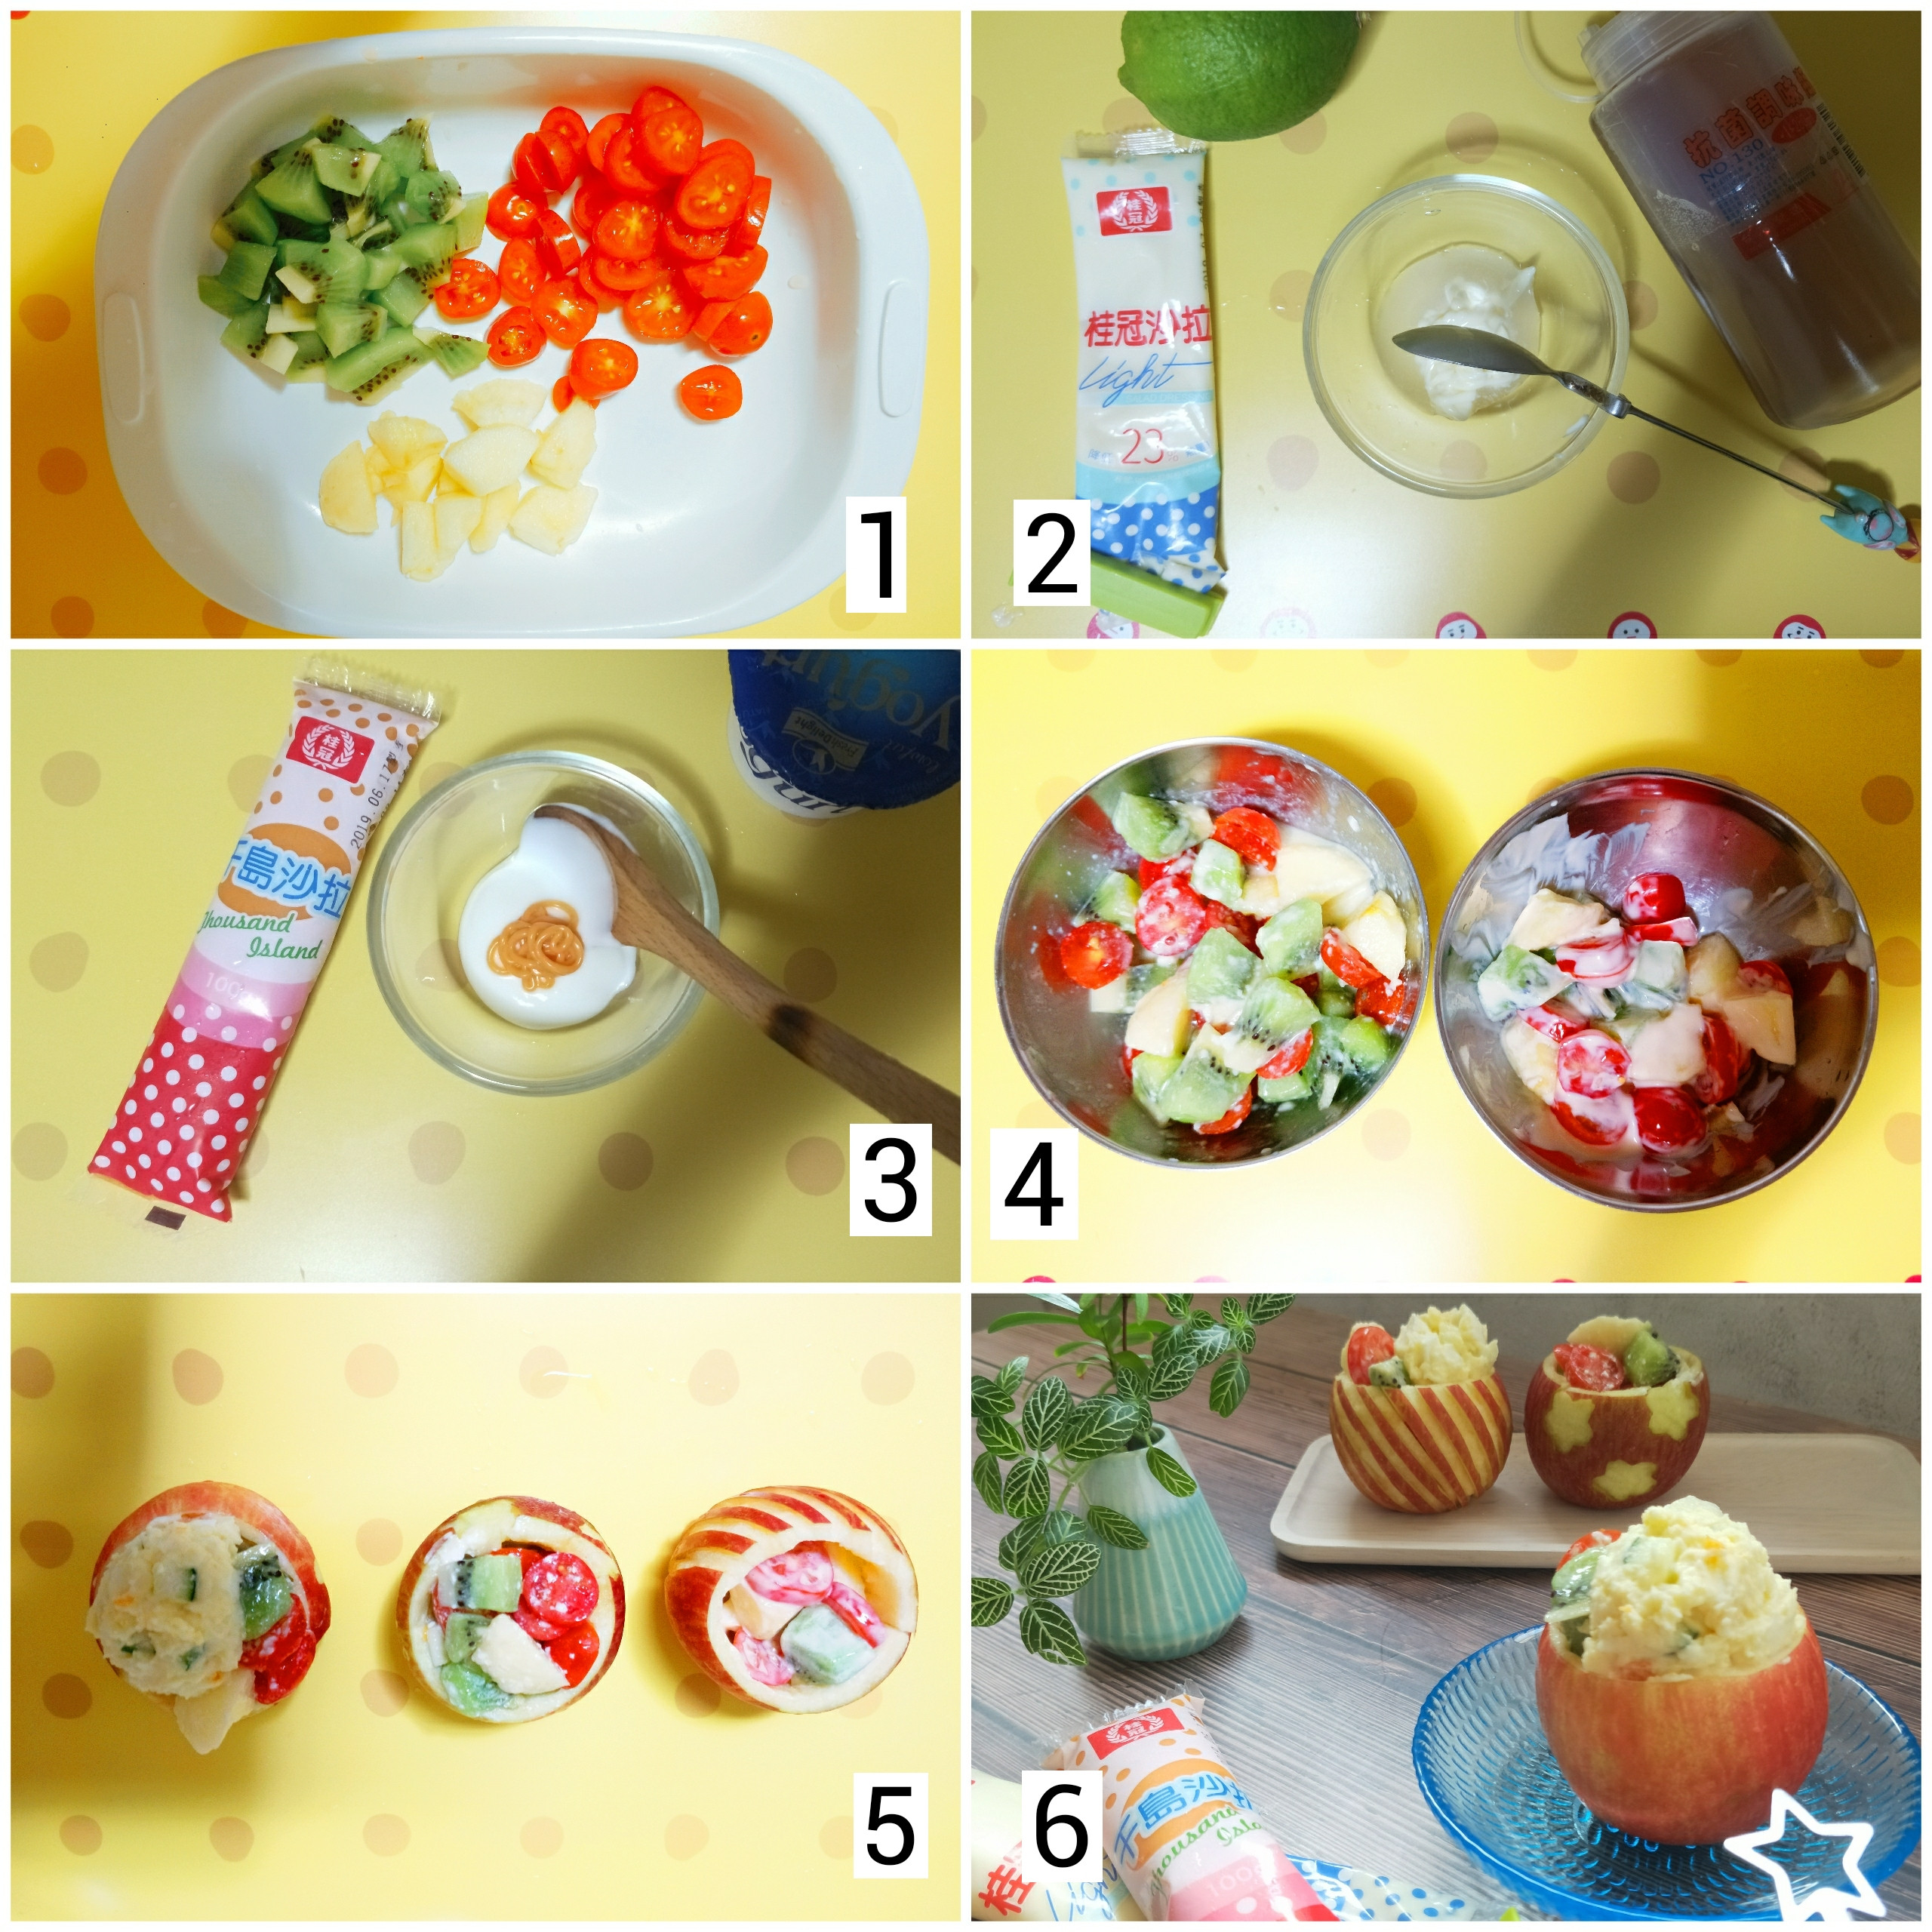 一週風味早餐就醬拌【桂冠風味沙拉開箱文】的第 10 張圖片